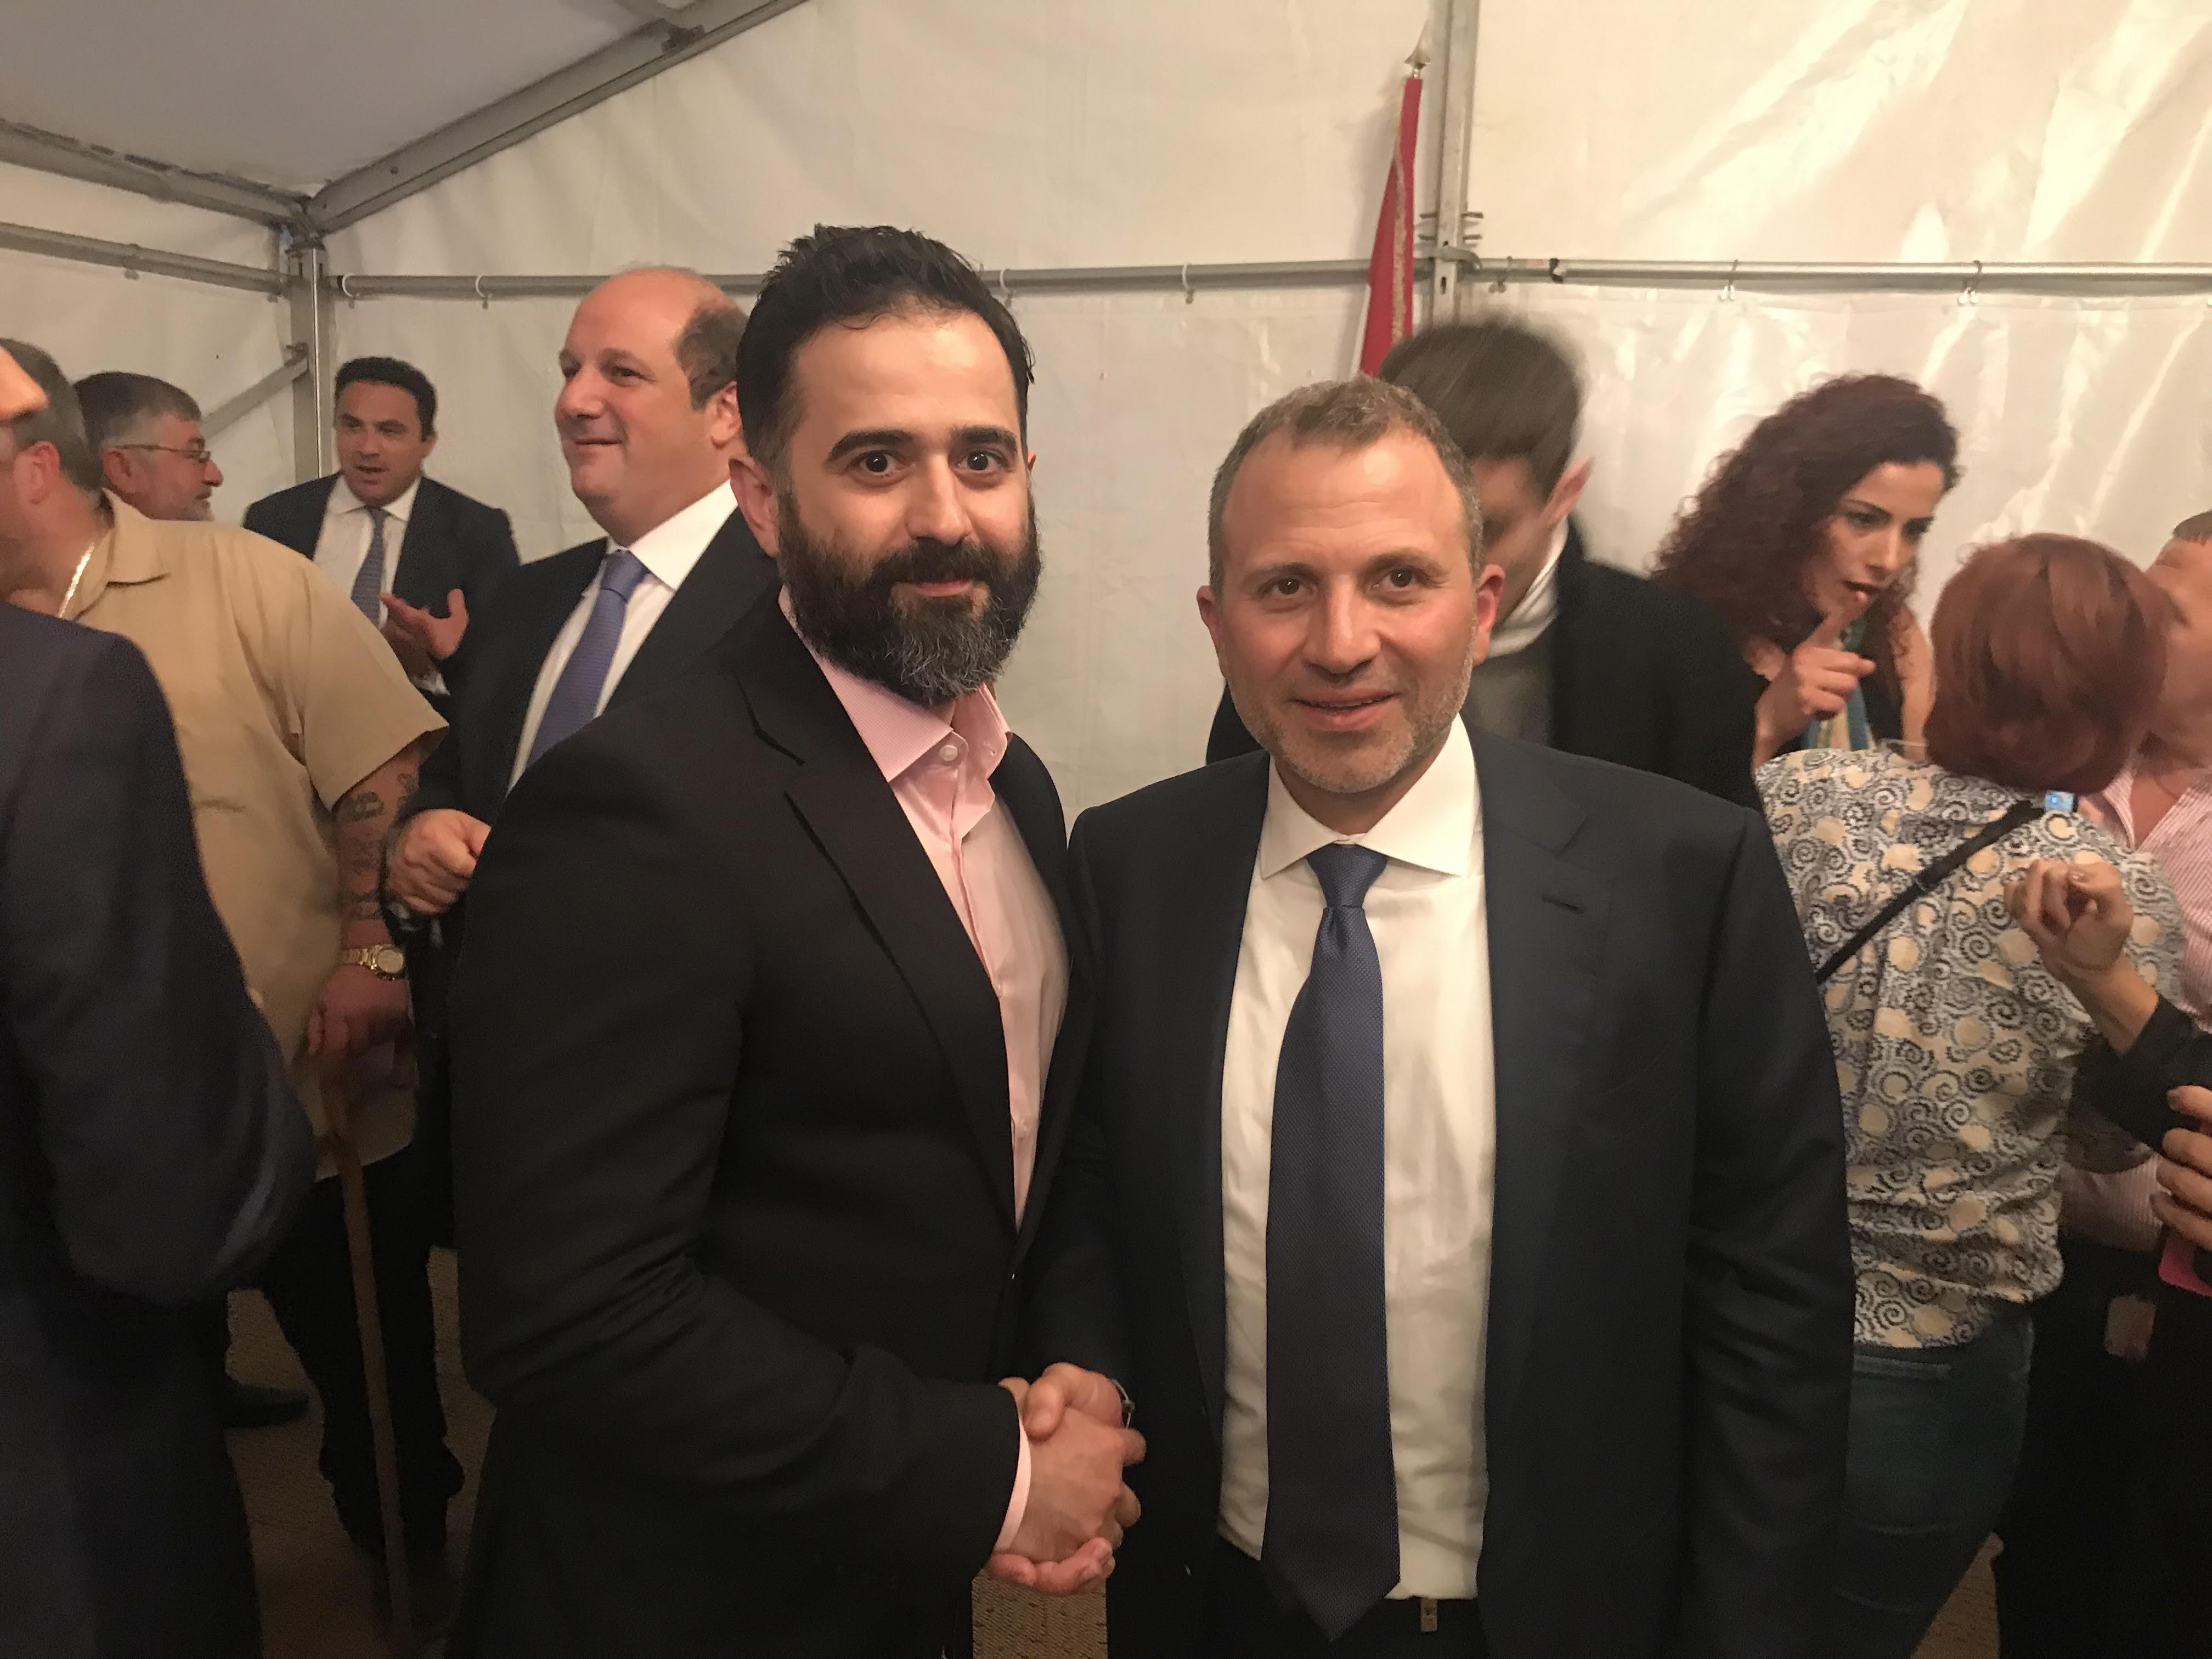 بالصور: السفارة اللبنانية في لندن تقيم حفل استقبال على شرف وزير الخارجية جبران باسيل